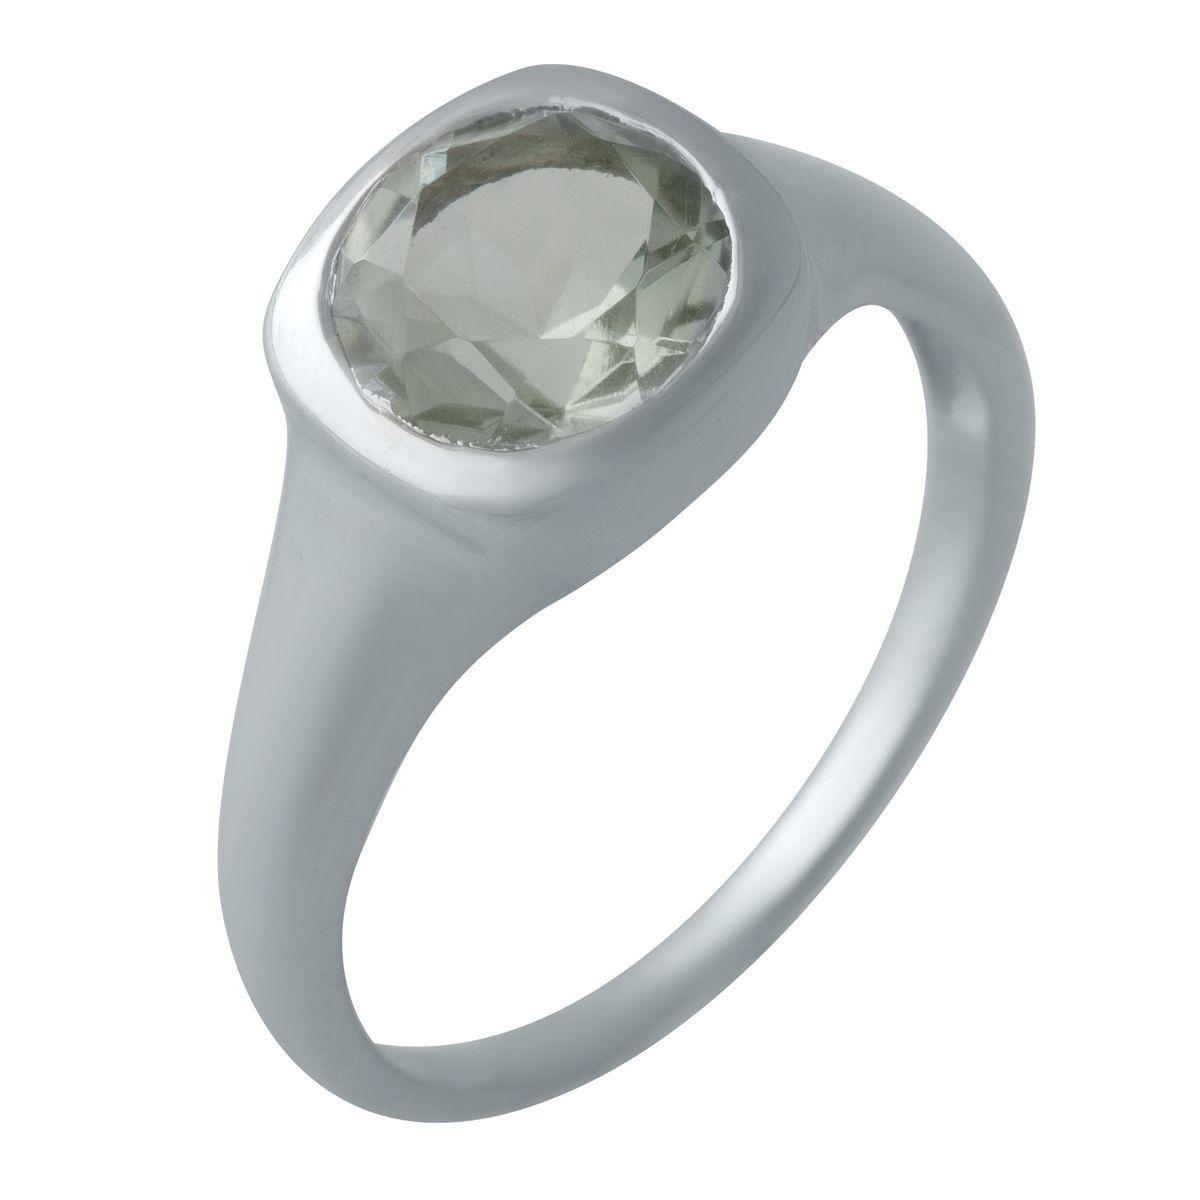 Серебряное кольцо DreamJewelry с натуральным зеленим аметистом (2004530) 18 размер